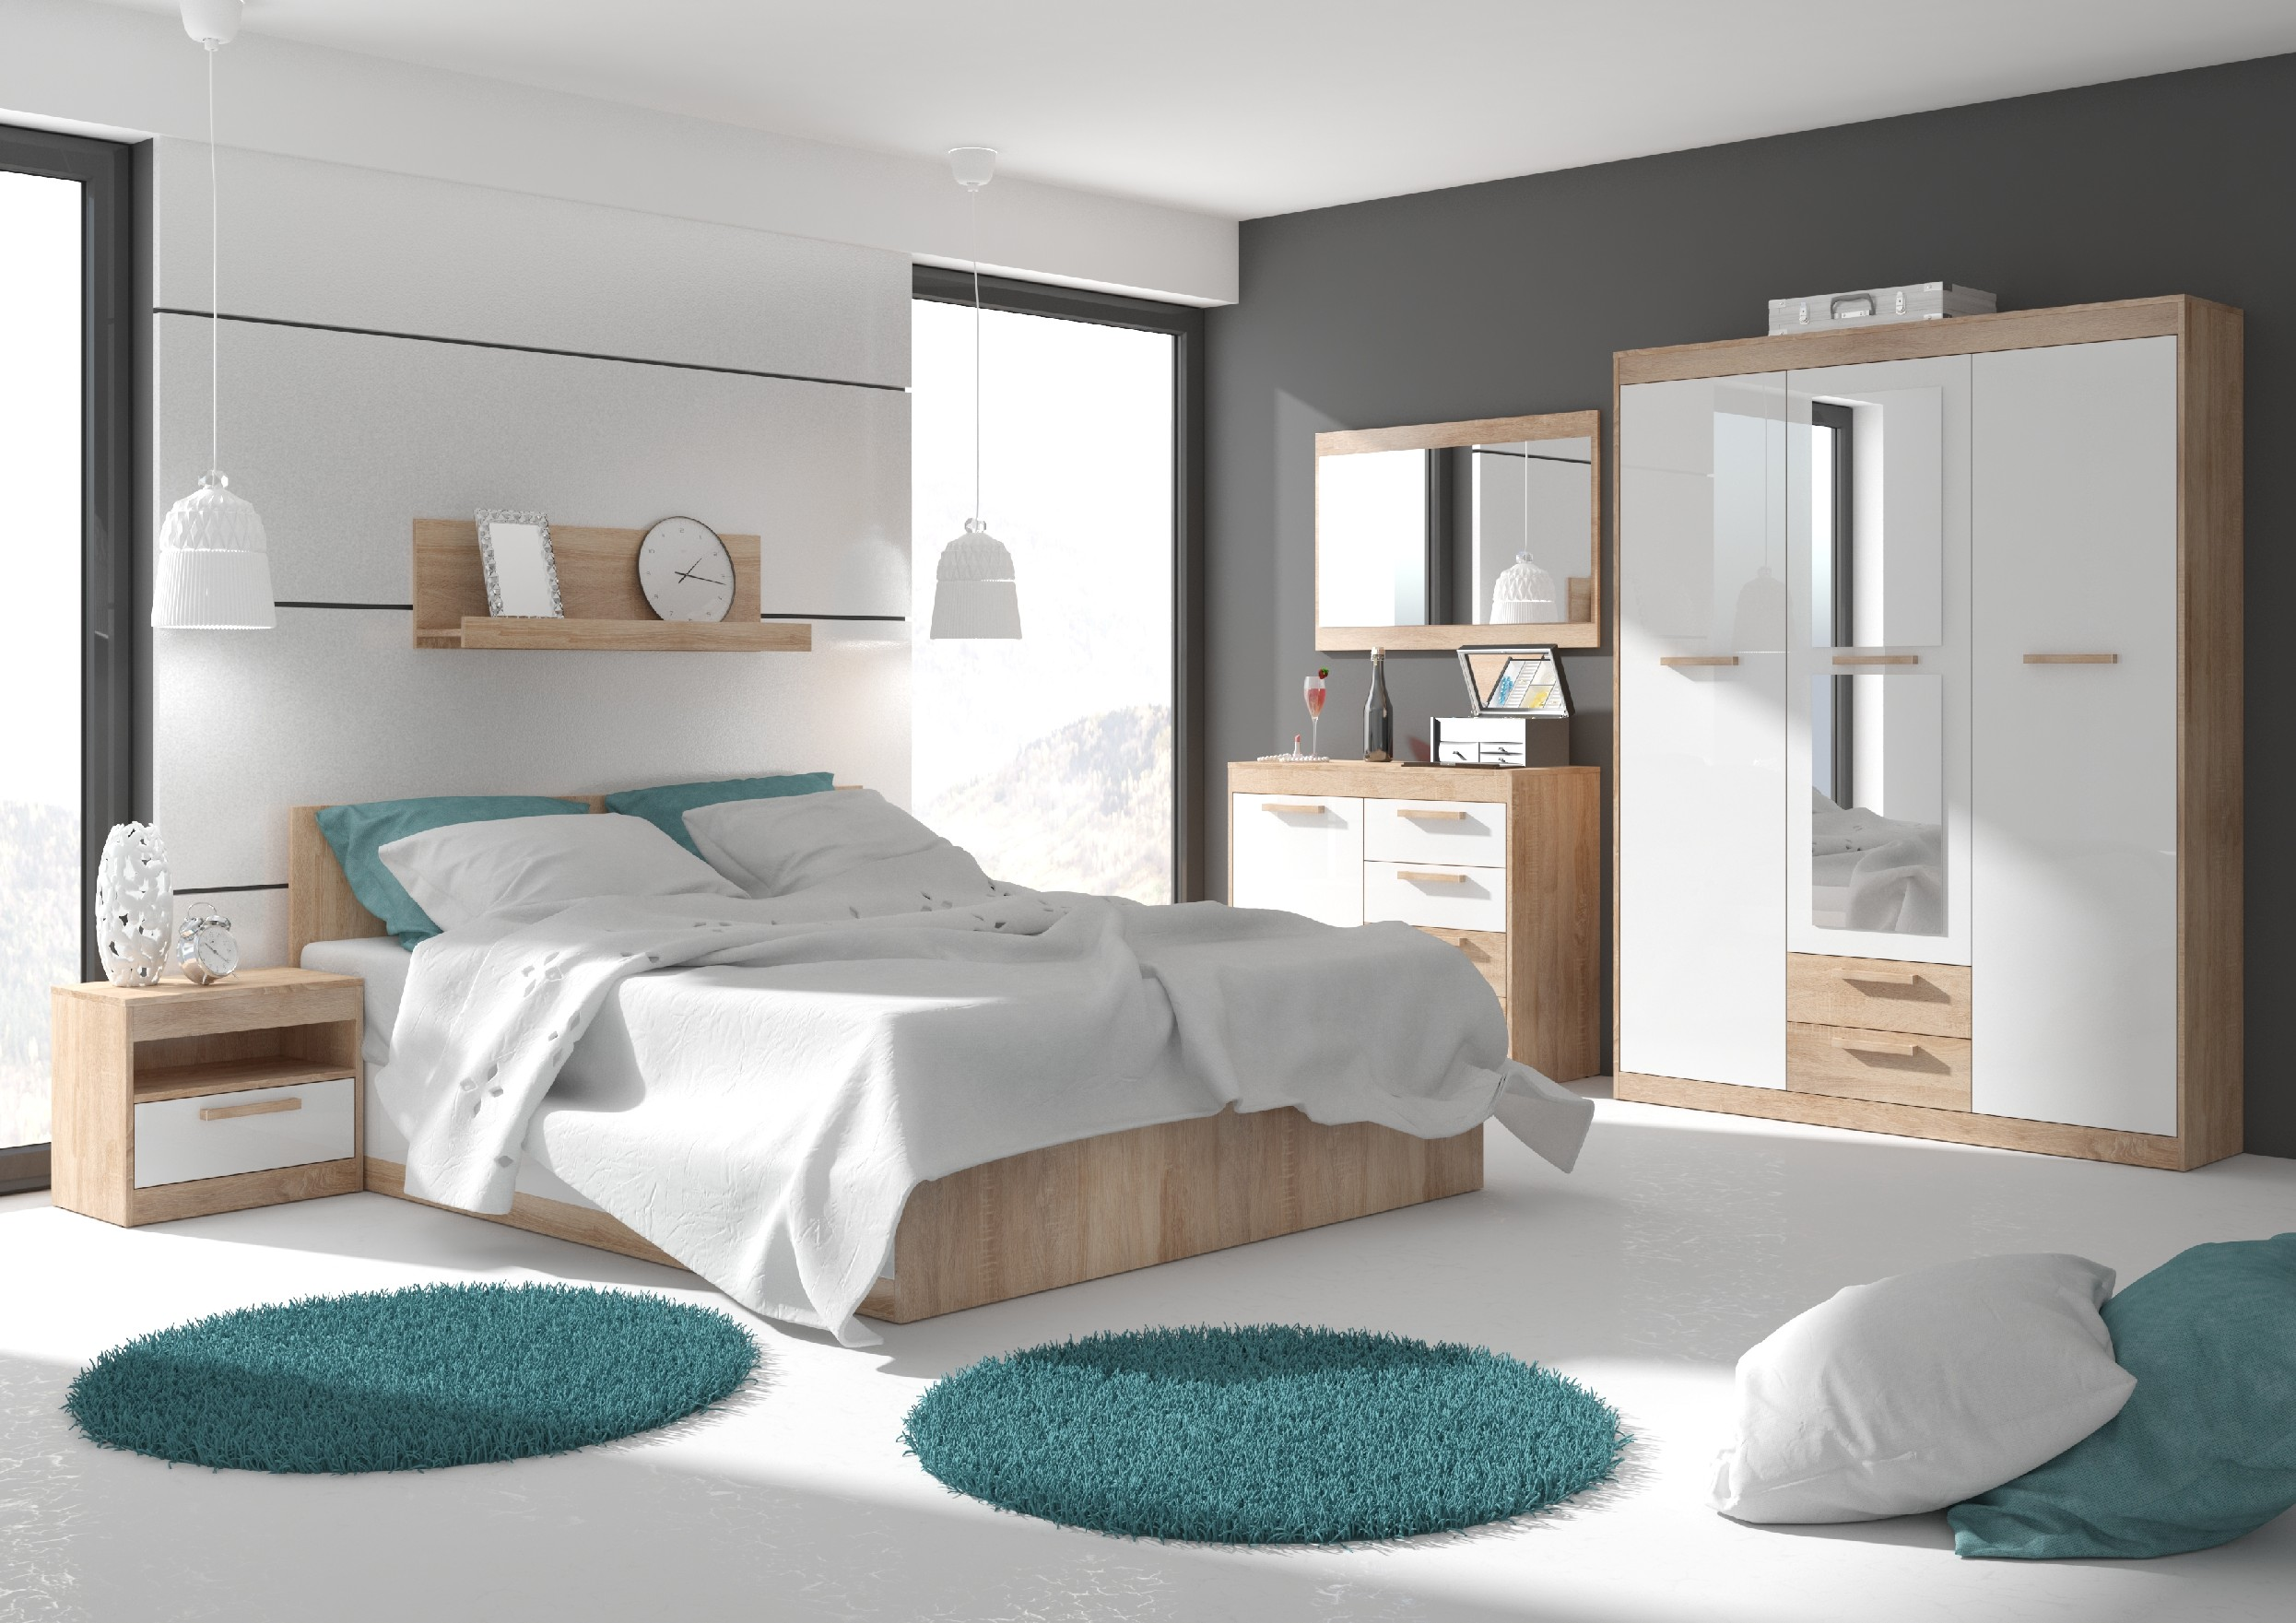 Spálňa Maximus WIP 12 Farba: Dub sonoma svetlý / biely lesk